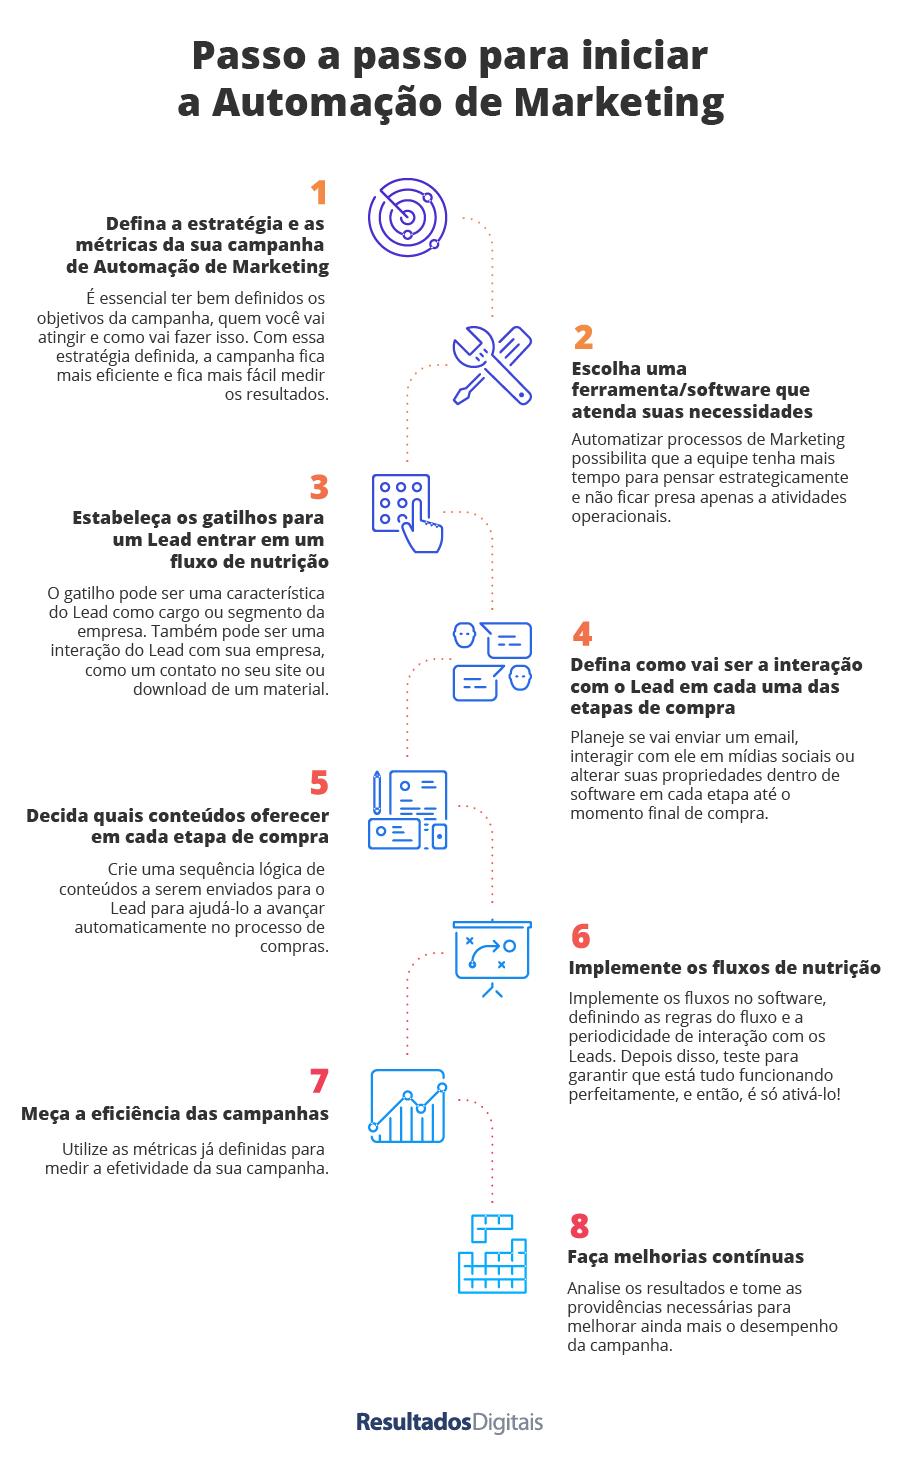 Passo a passo para iniciar a Automação de Marketing (infográfico)